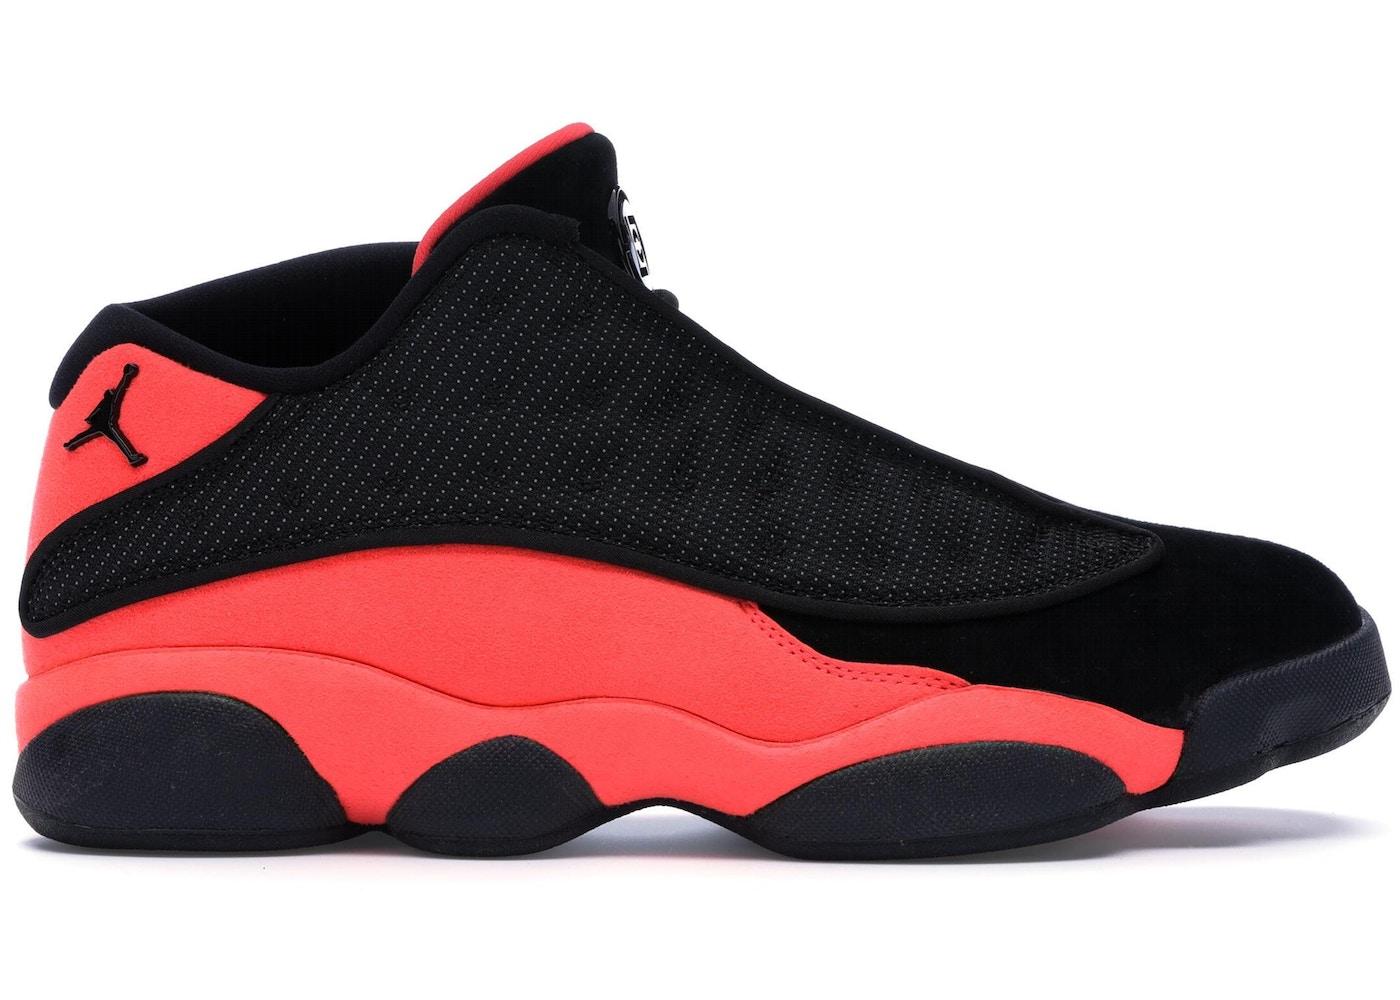 huge discount 8cae0 a7d16 Jordan 13 Retro Low Clot Black Red